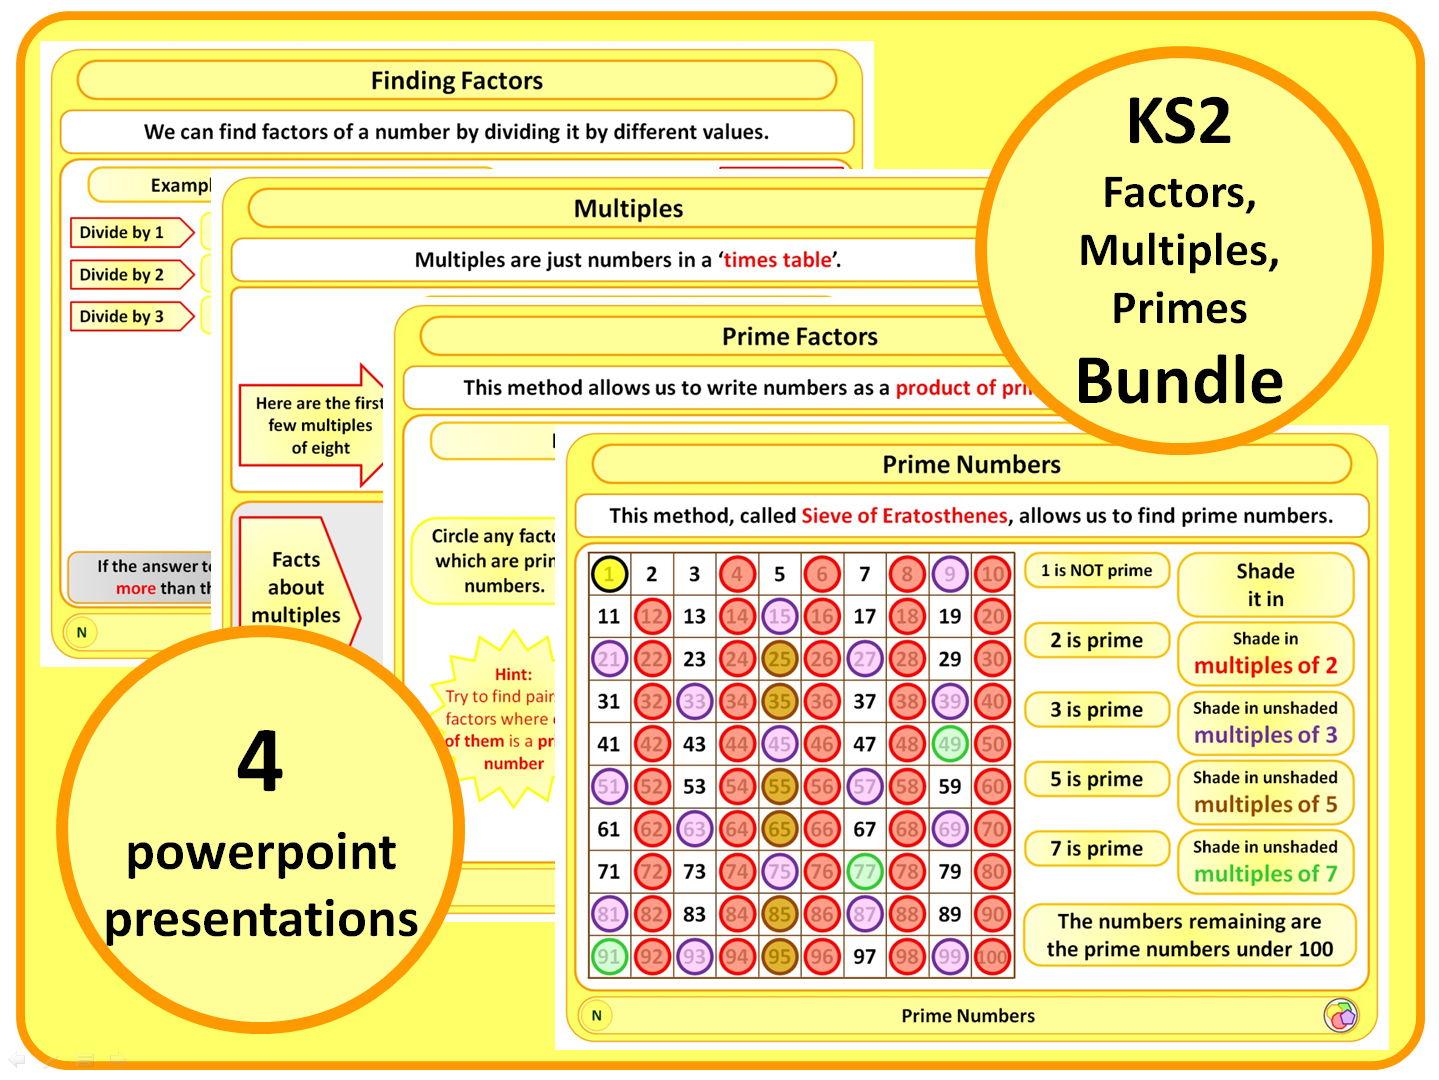 KS2 Factors, Multiples, Primes BUNDLE